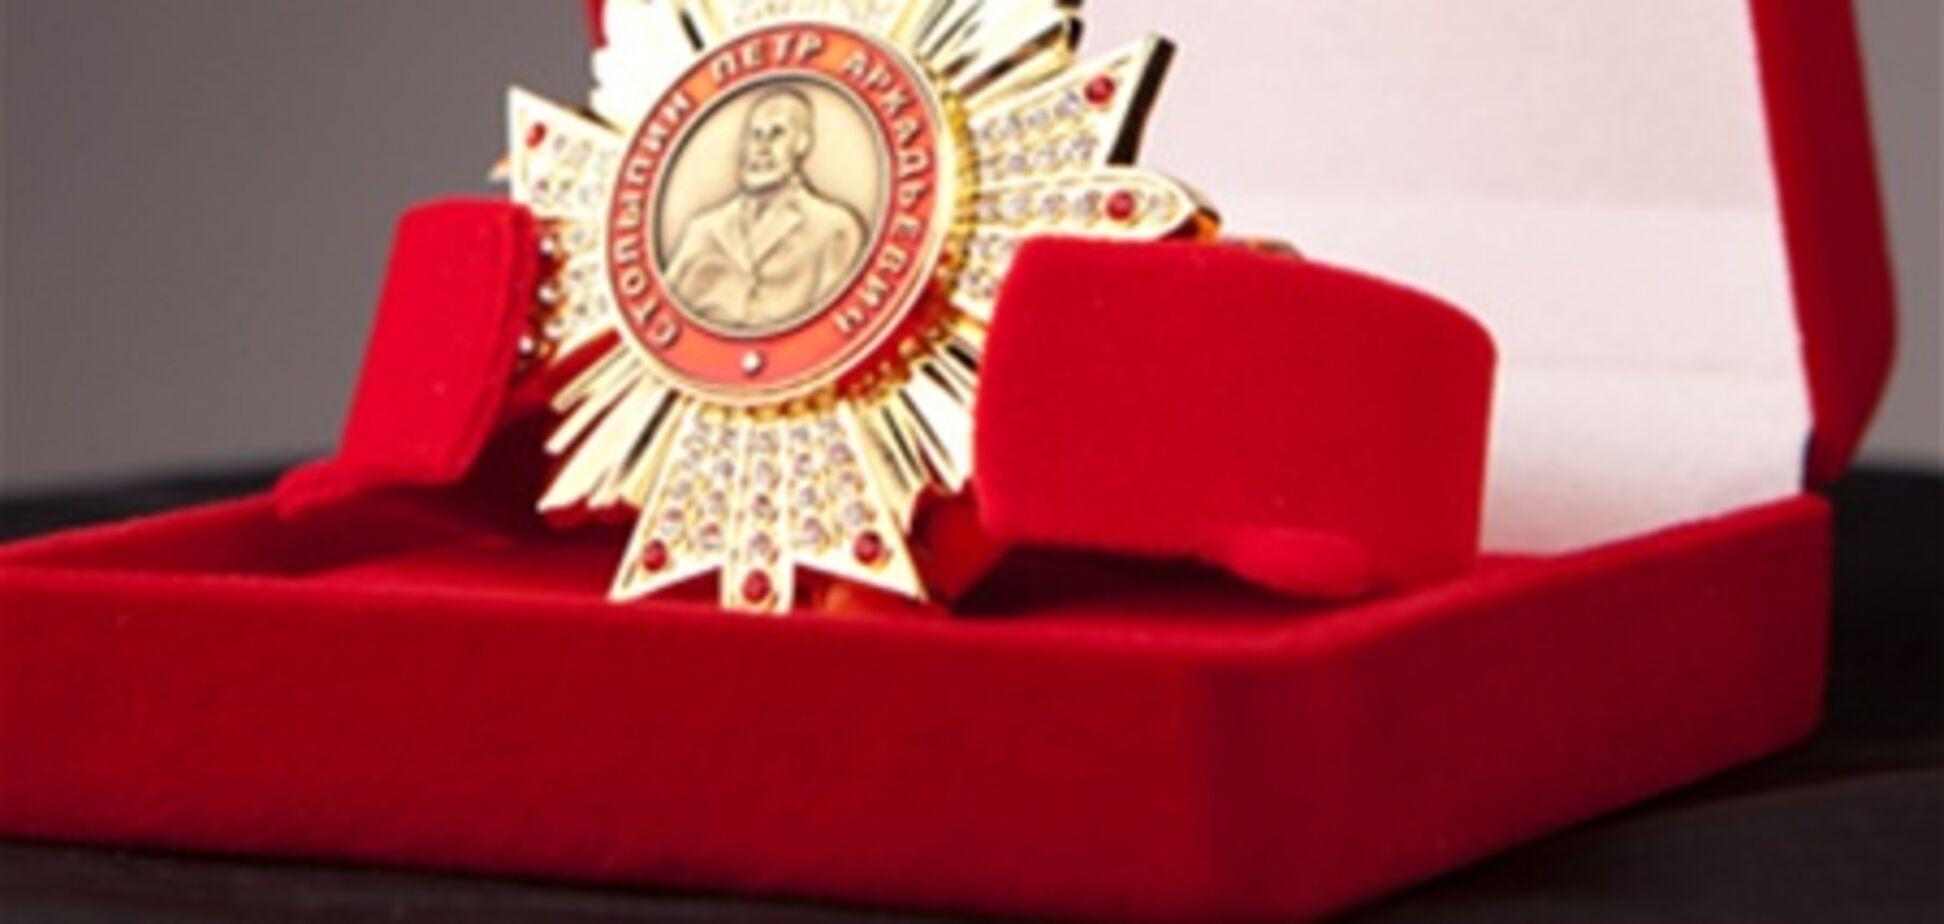 У Росії голова району за державний кошт купив собі орден